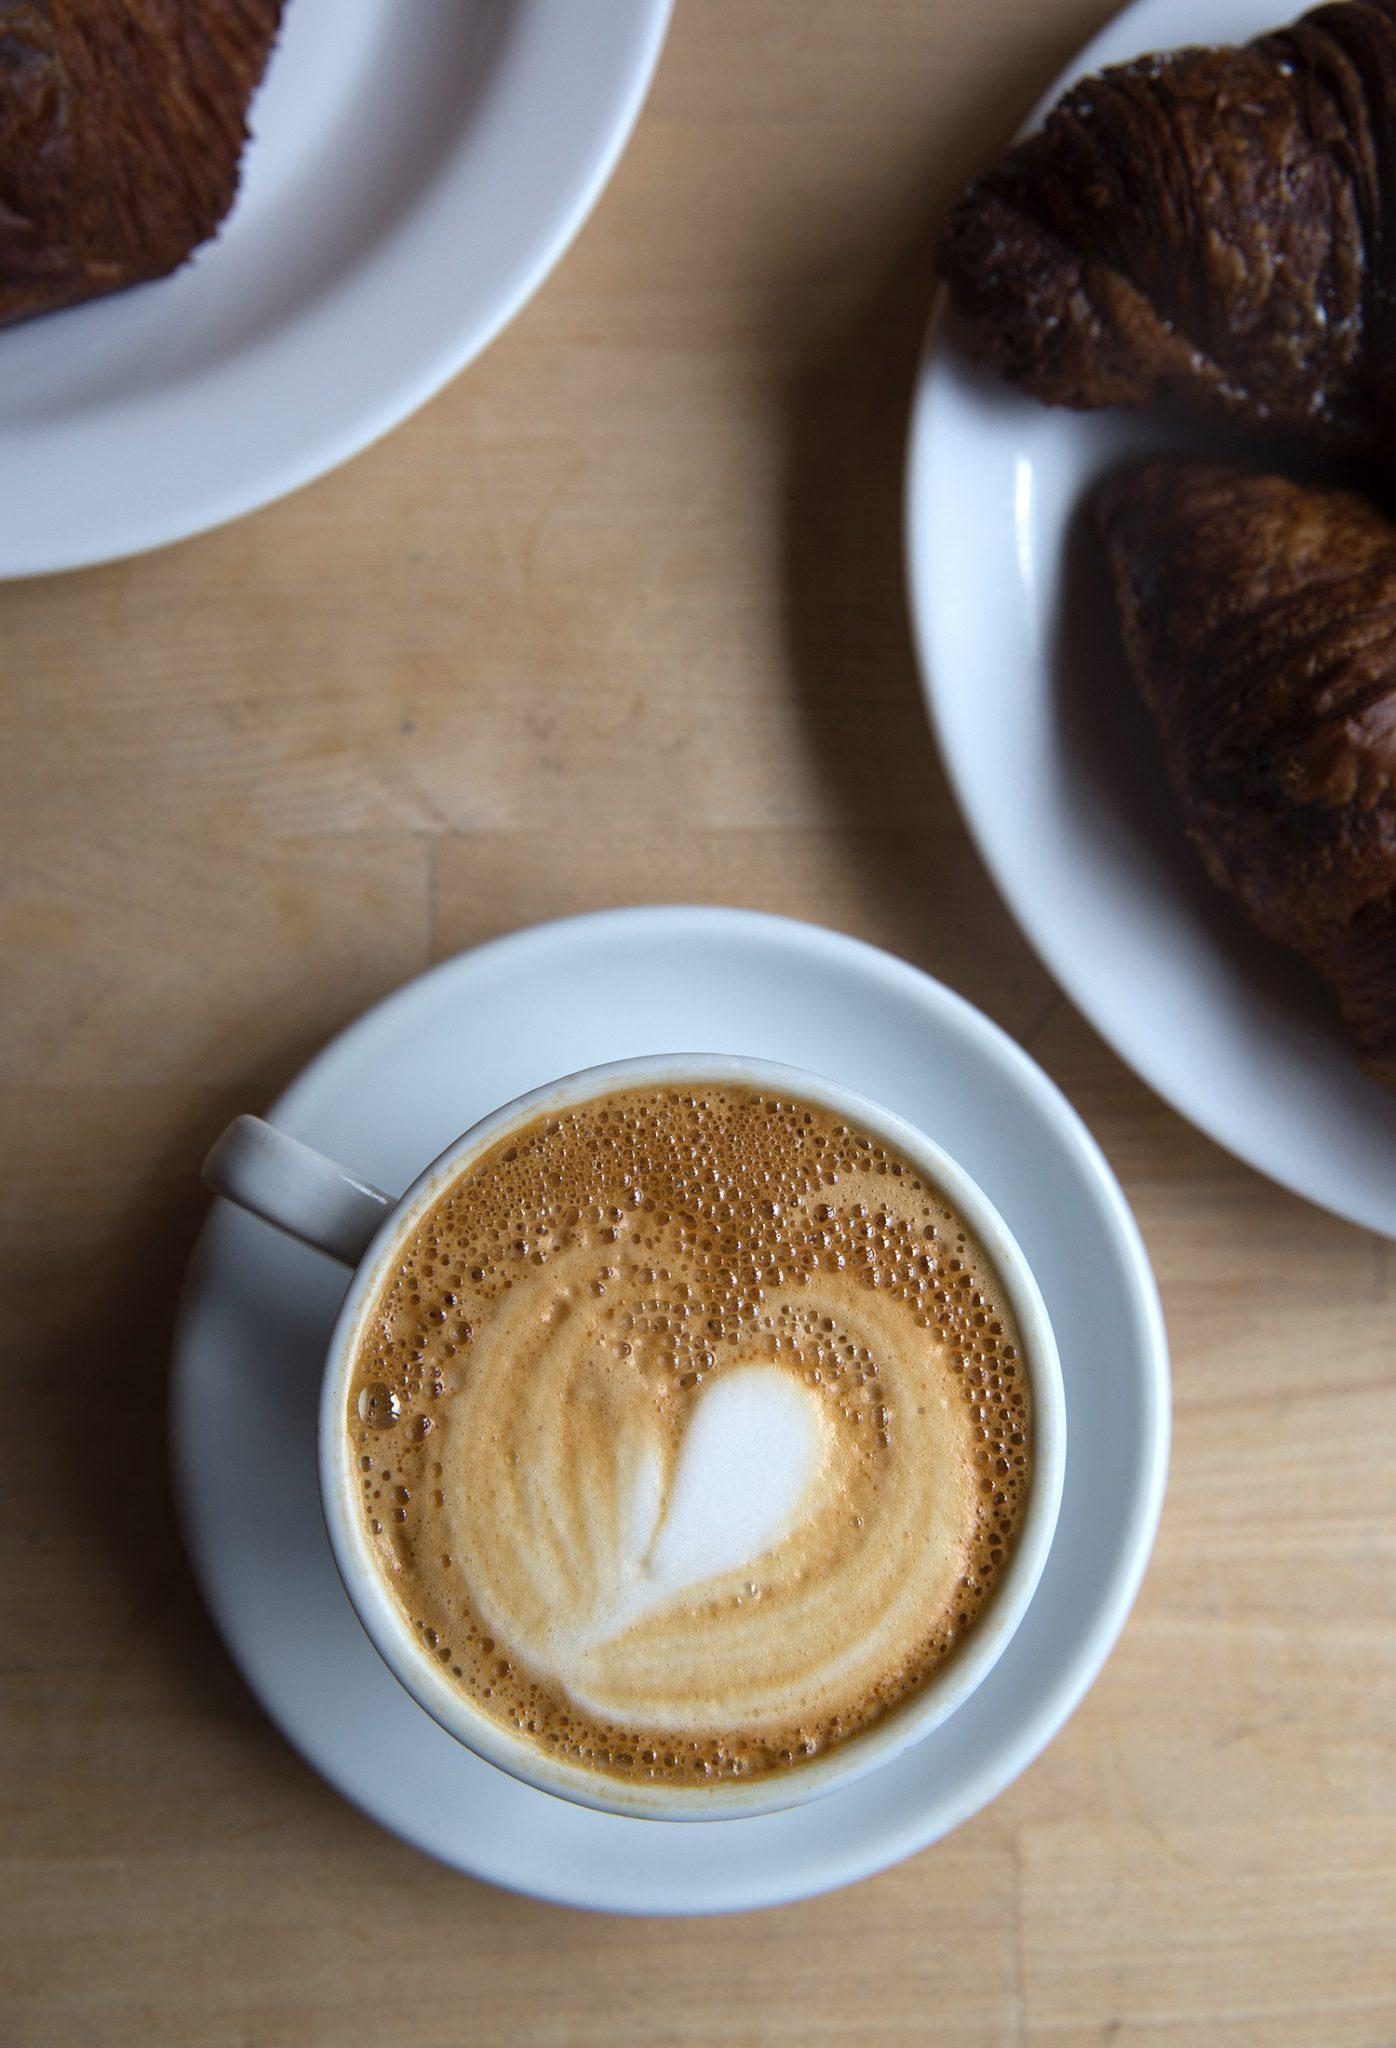 bien cuit- café